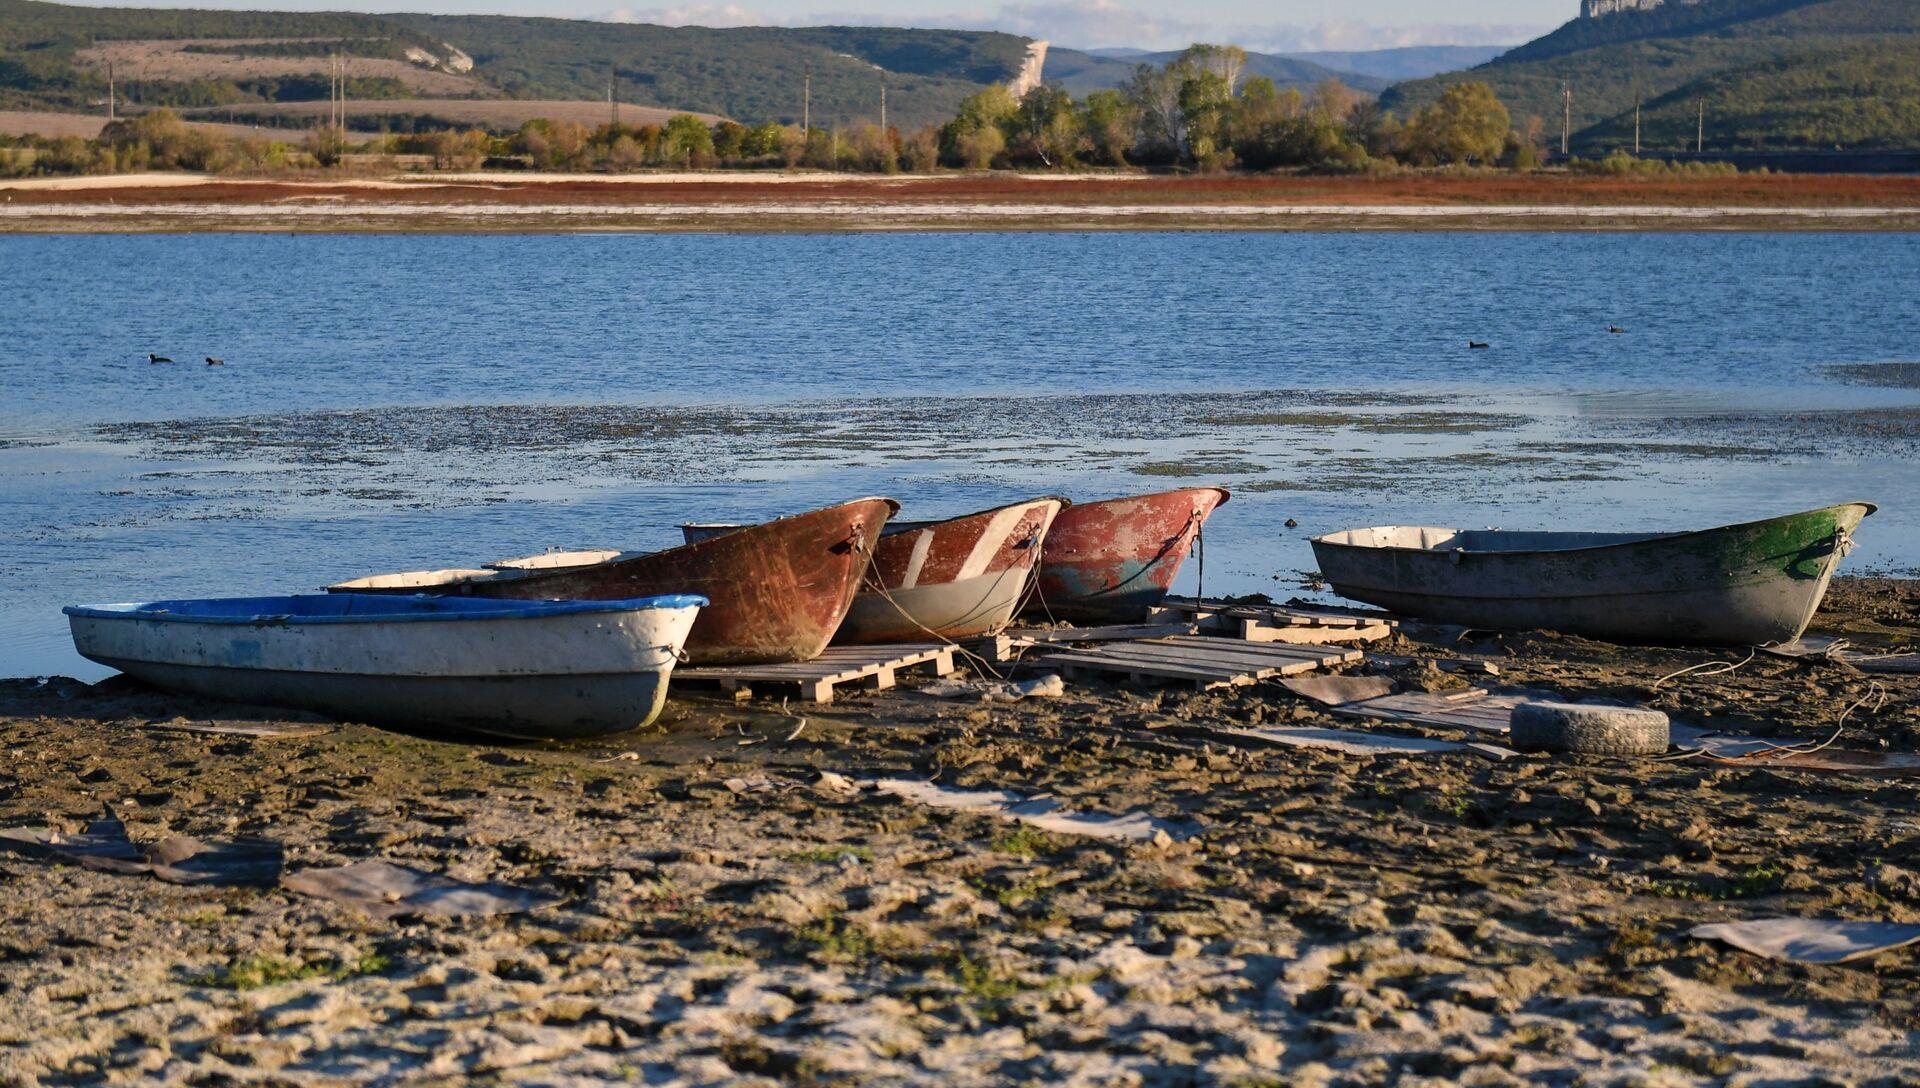 Лодки на берегу Бахчисарайского водохранилища - РИА Новости, 1920, 26.12.2020